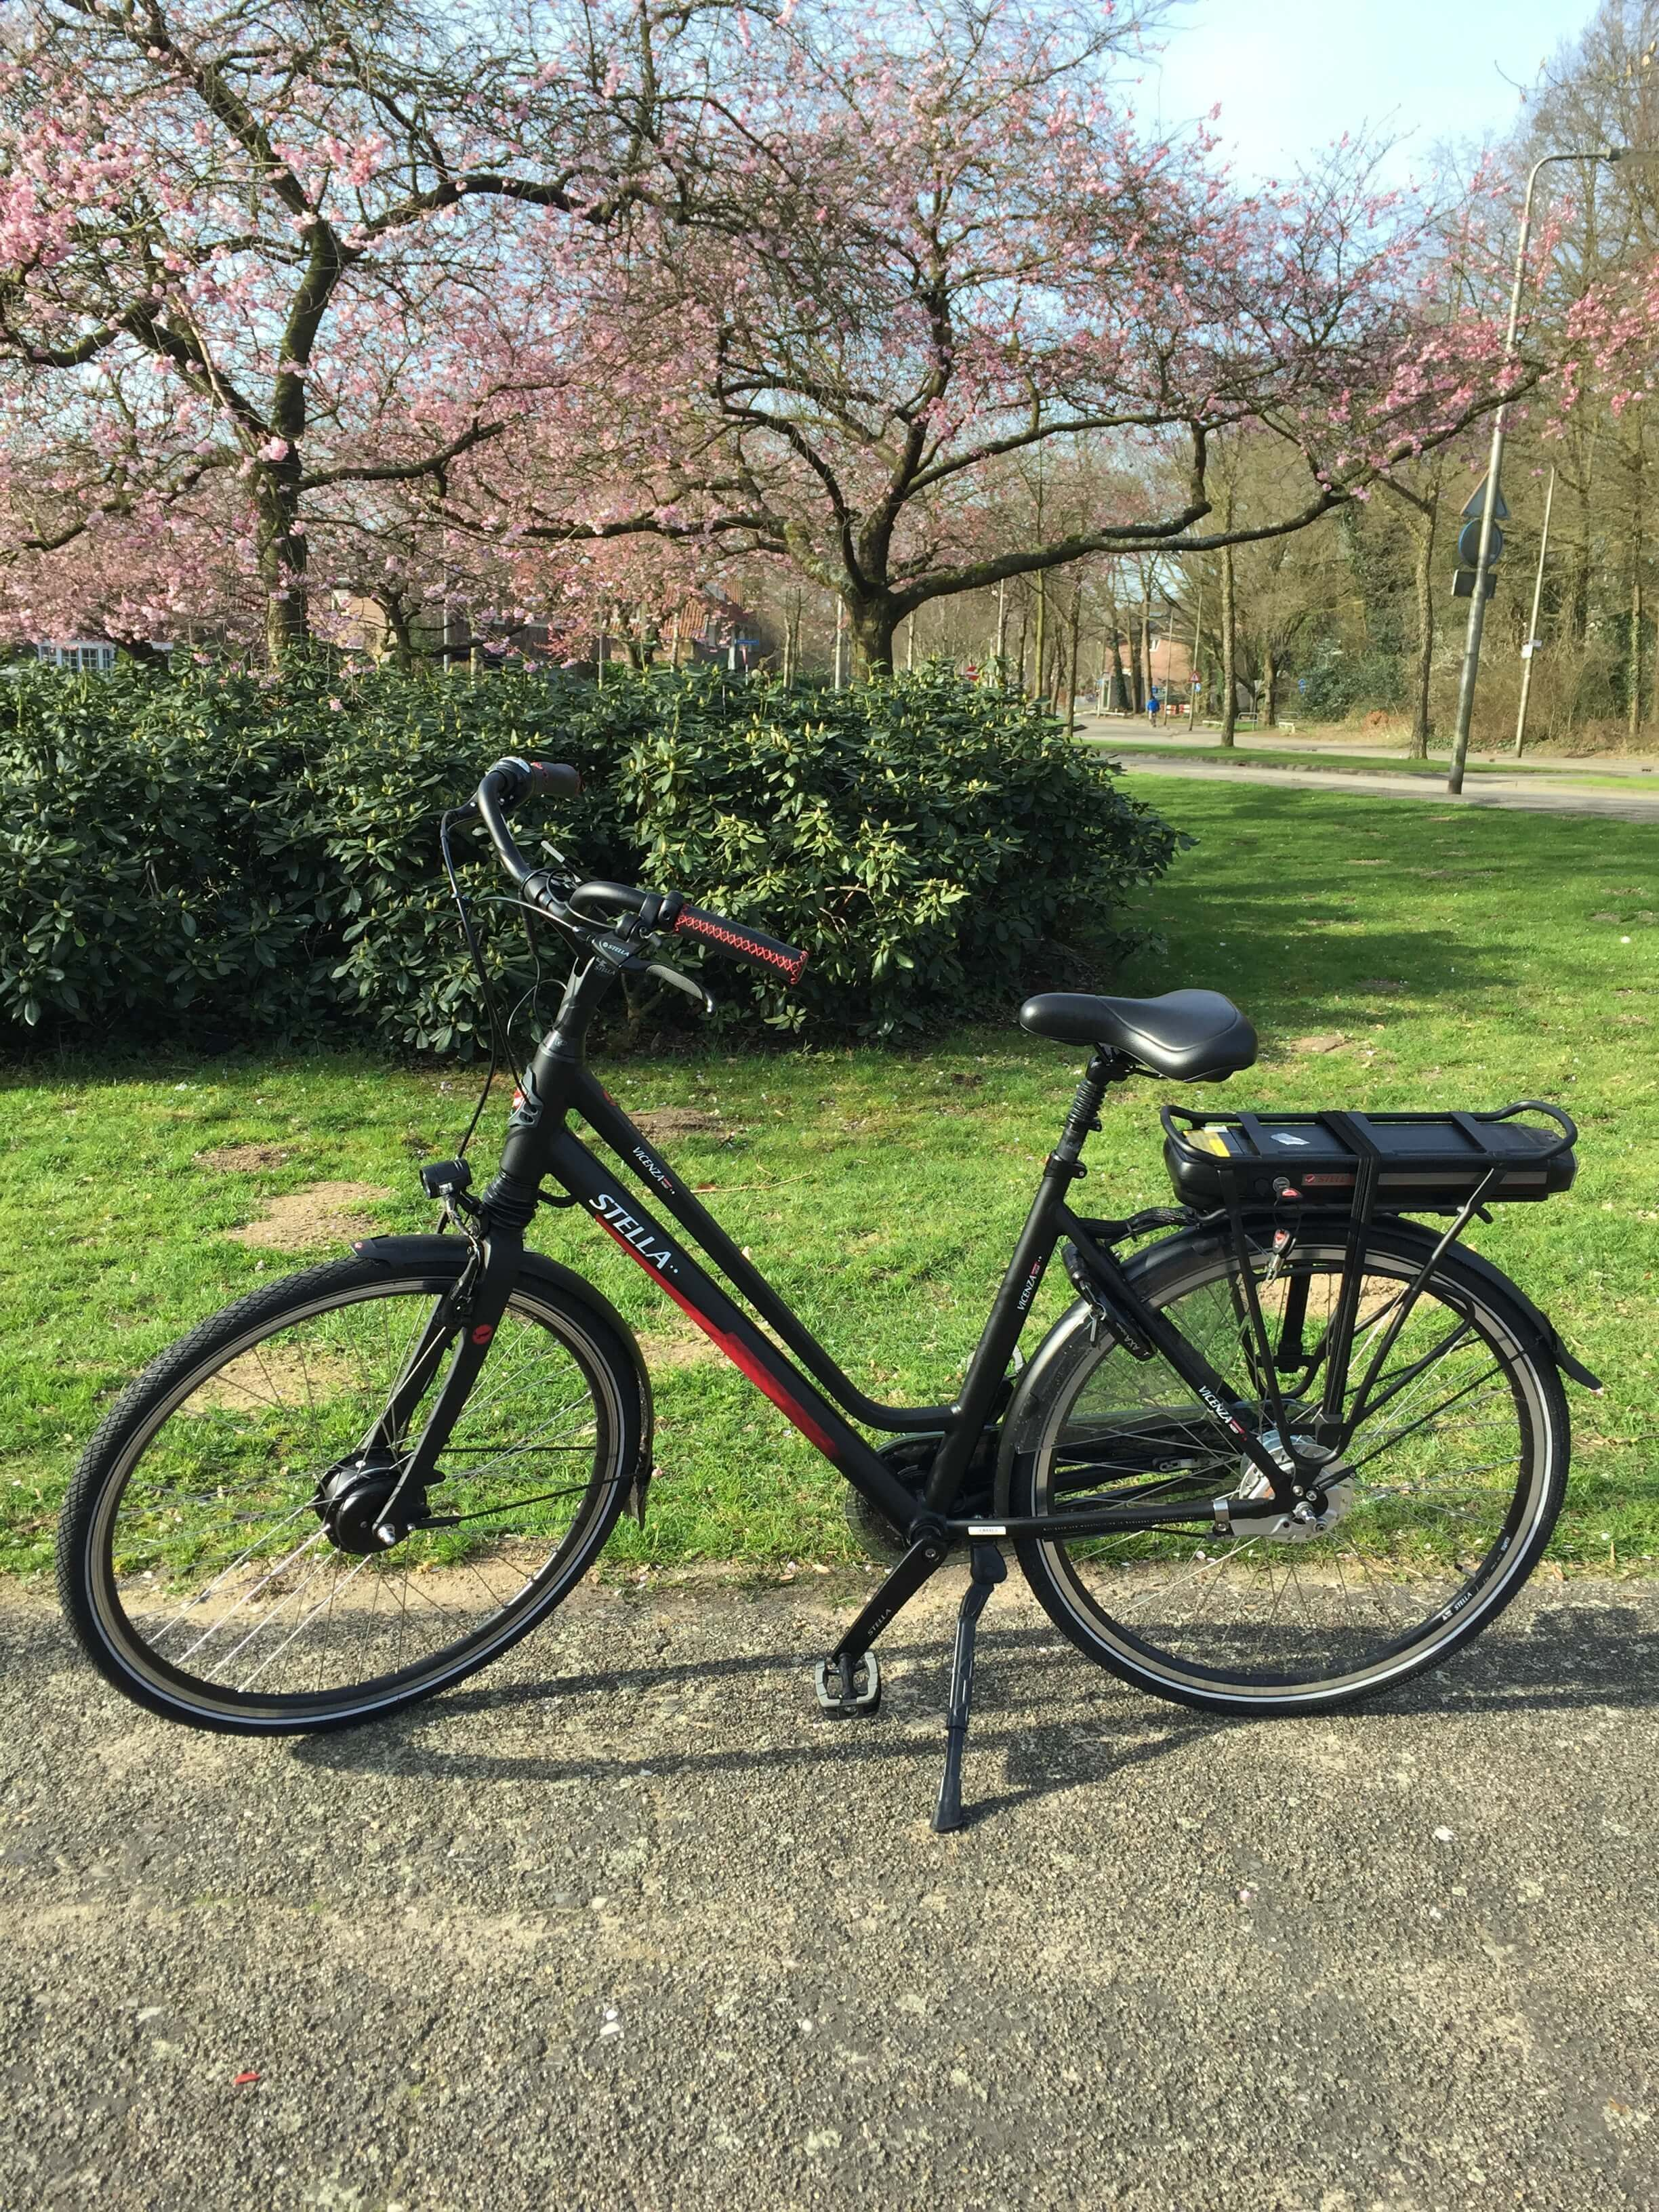 De E-bike als alternatief vervoersmiddel voor forenzen?